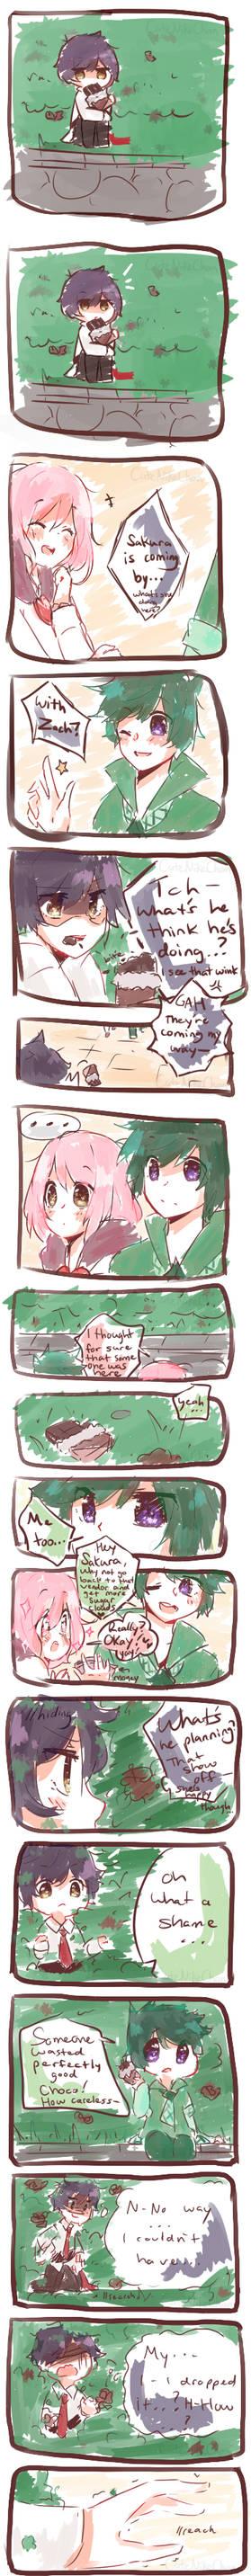 Spying Part 1 by CuteNikeChan